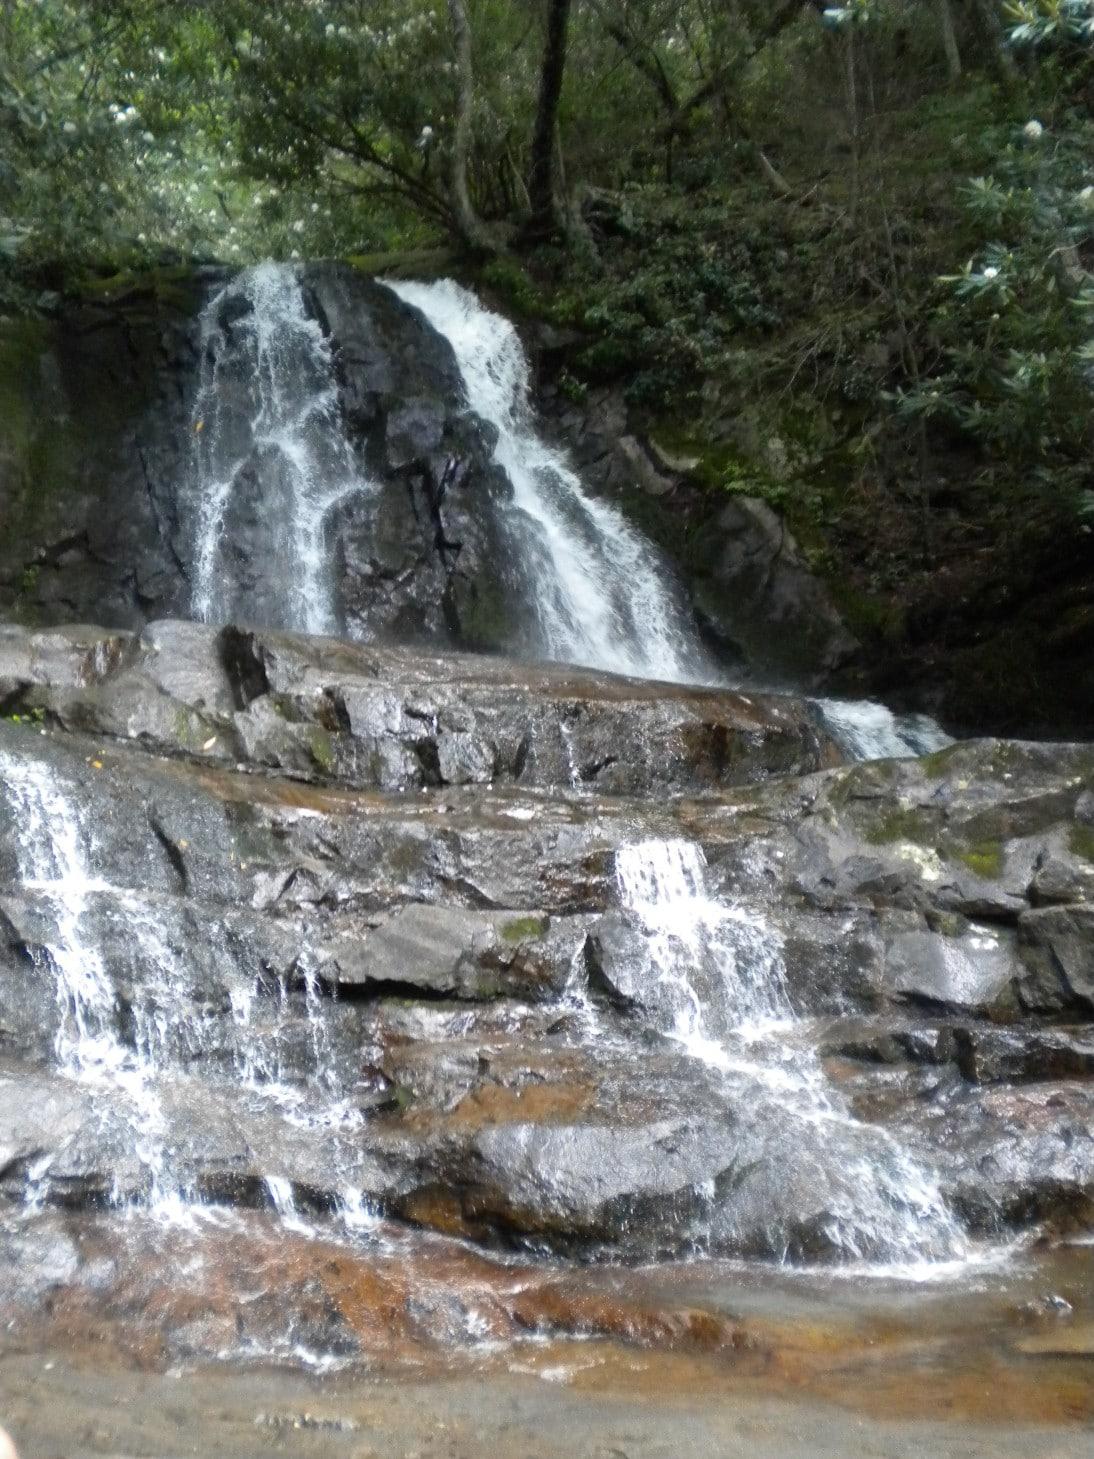 6-3-2014 Laurel Falls Hike – Laurel Falls